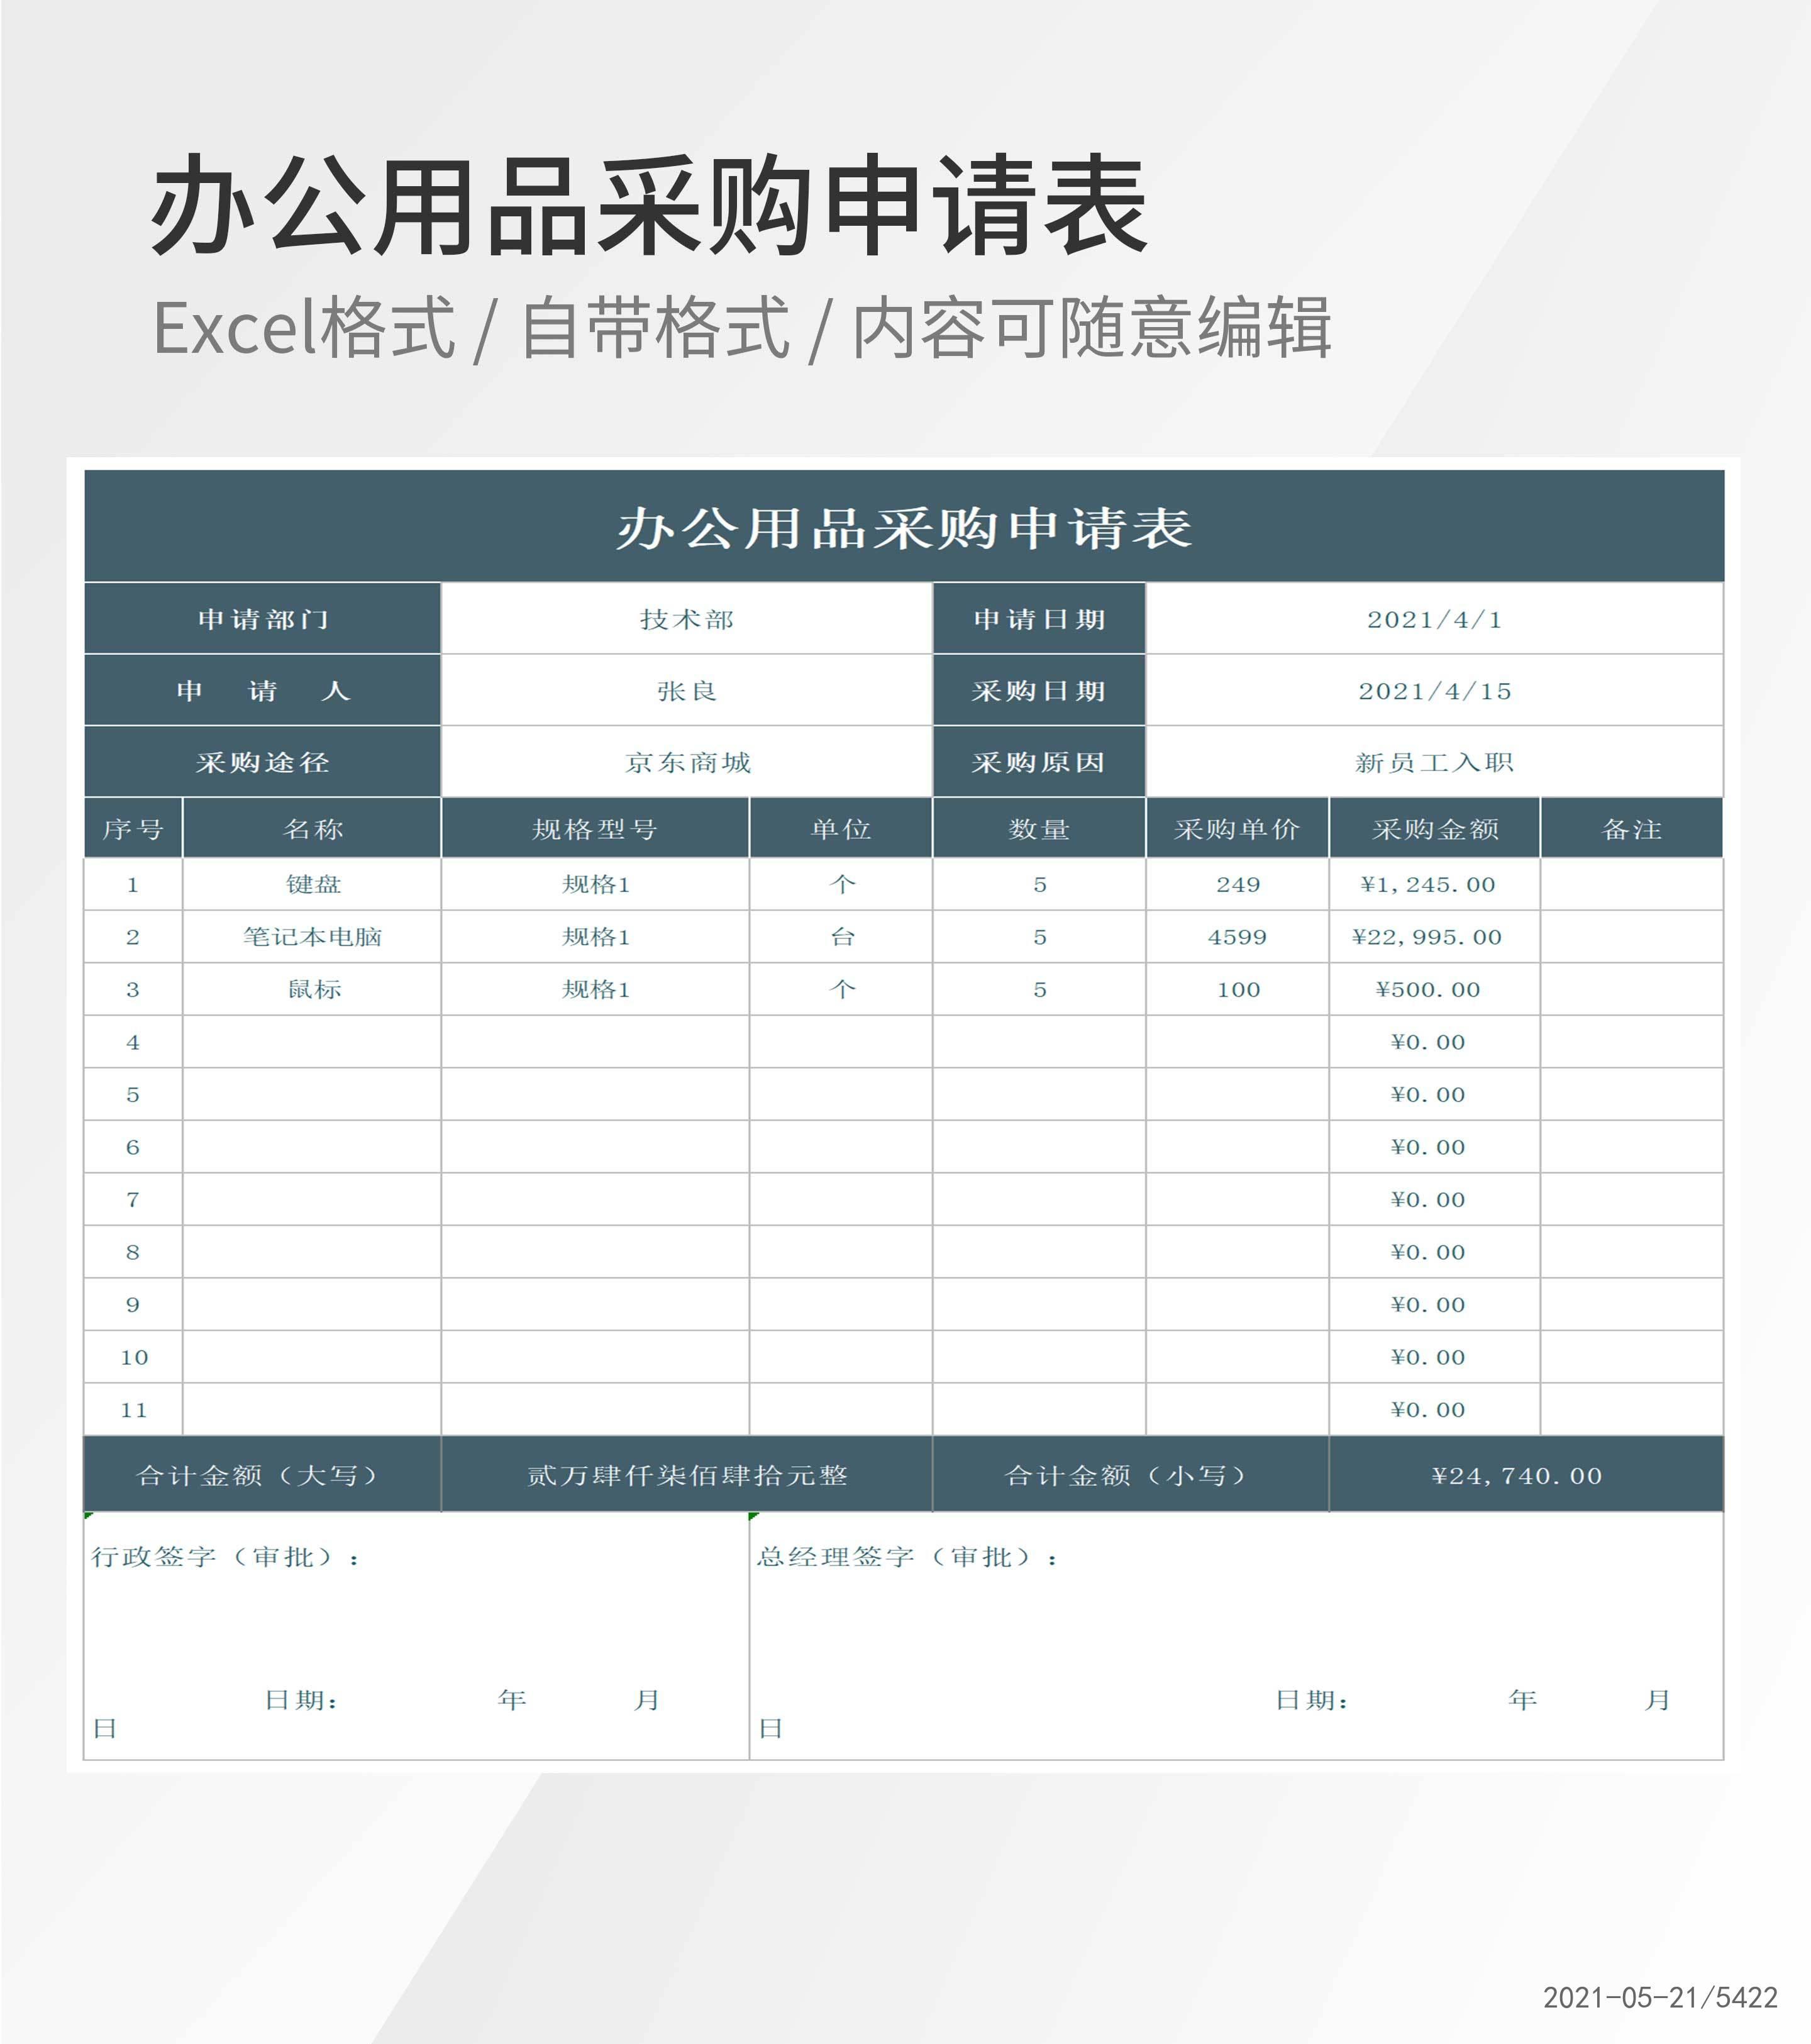 公司部门办公用品采购申请表Excel模板